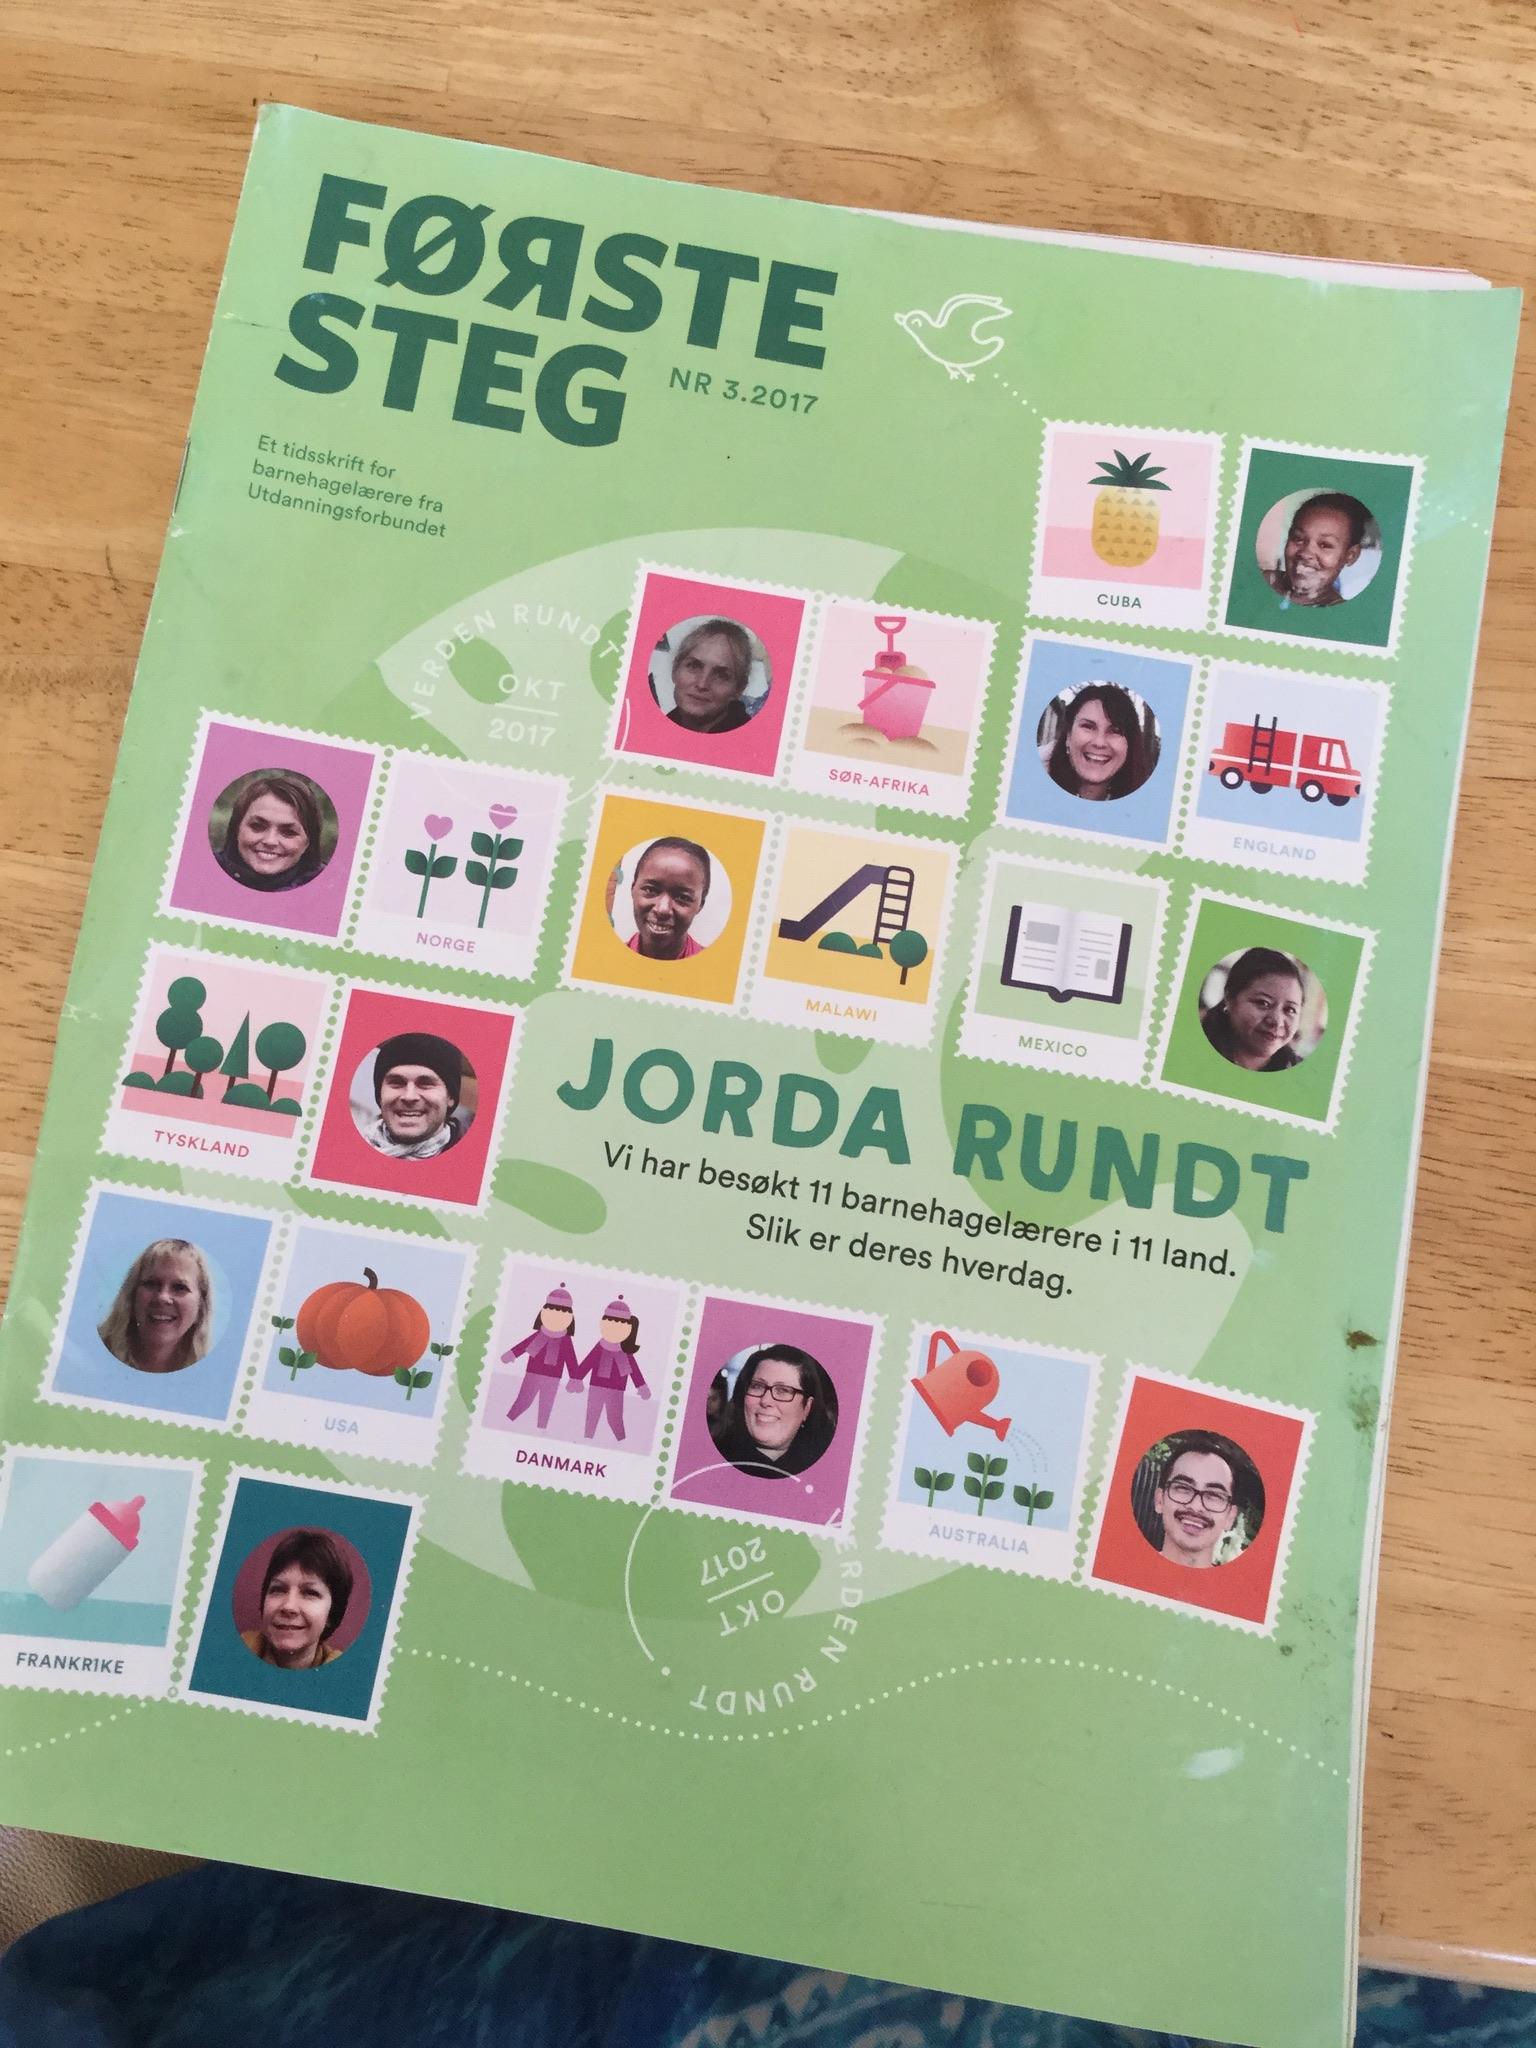 Werk in uitvoering. Artikelen over kinderopvang in China, Portugal en Nederland. Verschijnt in het Noors.